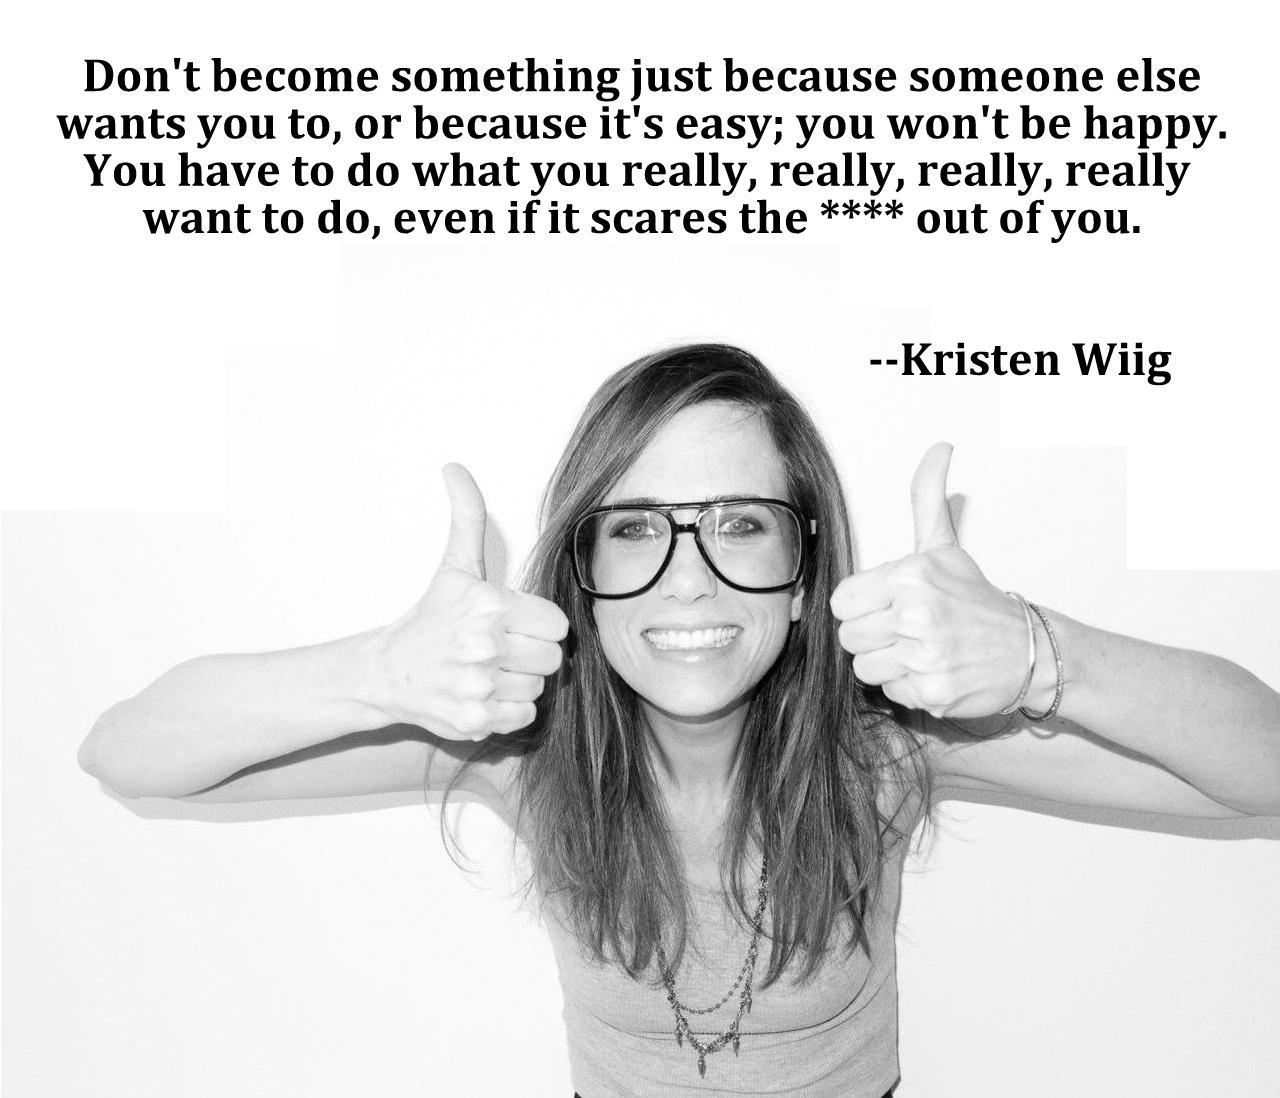 Kristen Wiig's quote #1